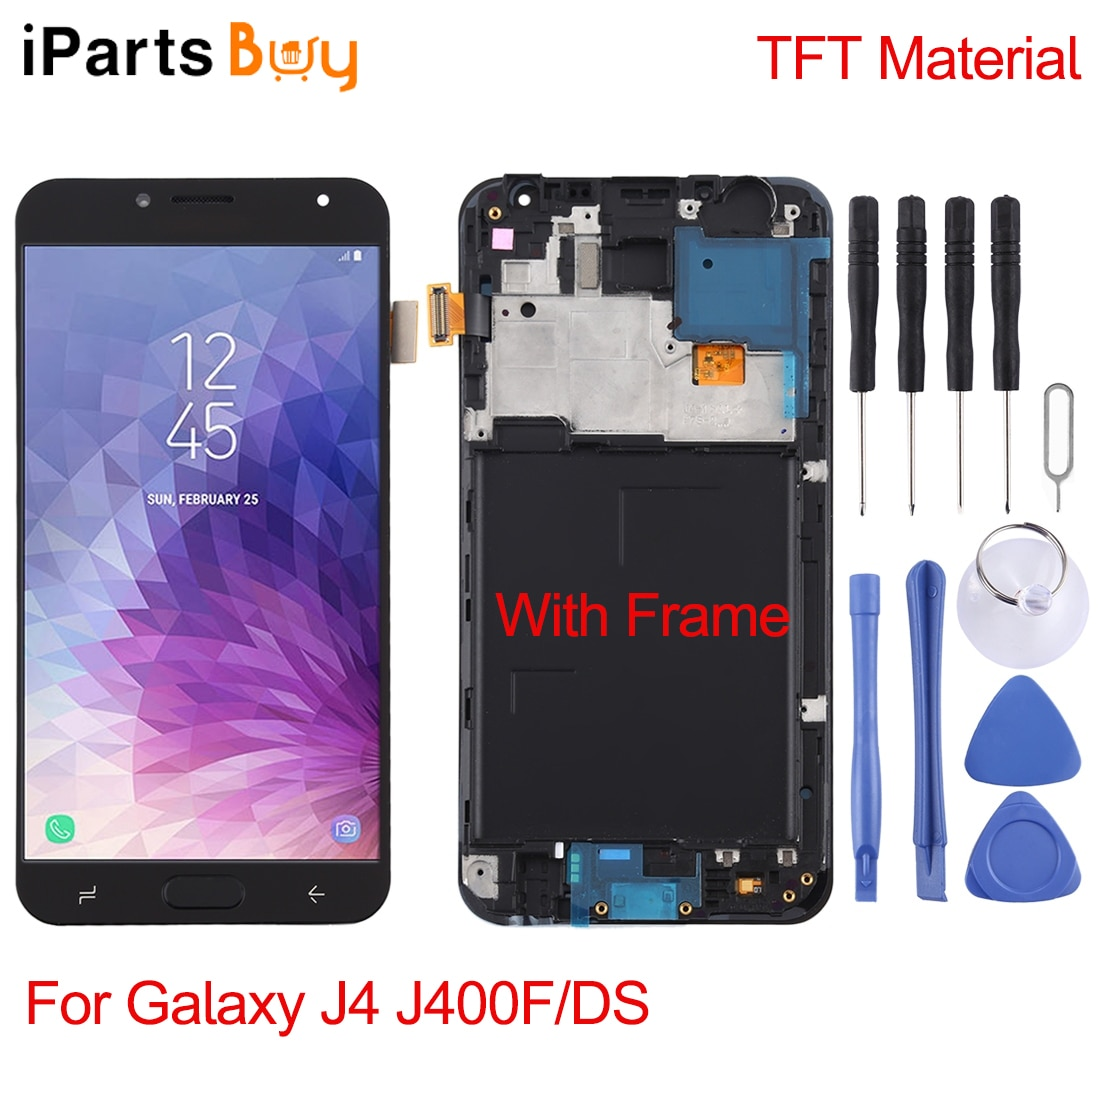 IPartsBuy for Galaxy J4 J400F/DS / J5 (2015) / J500F / J7 (2015) / J700F / J3 (2016) / J320F / J7 (2016) / J710F شاشة LCD